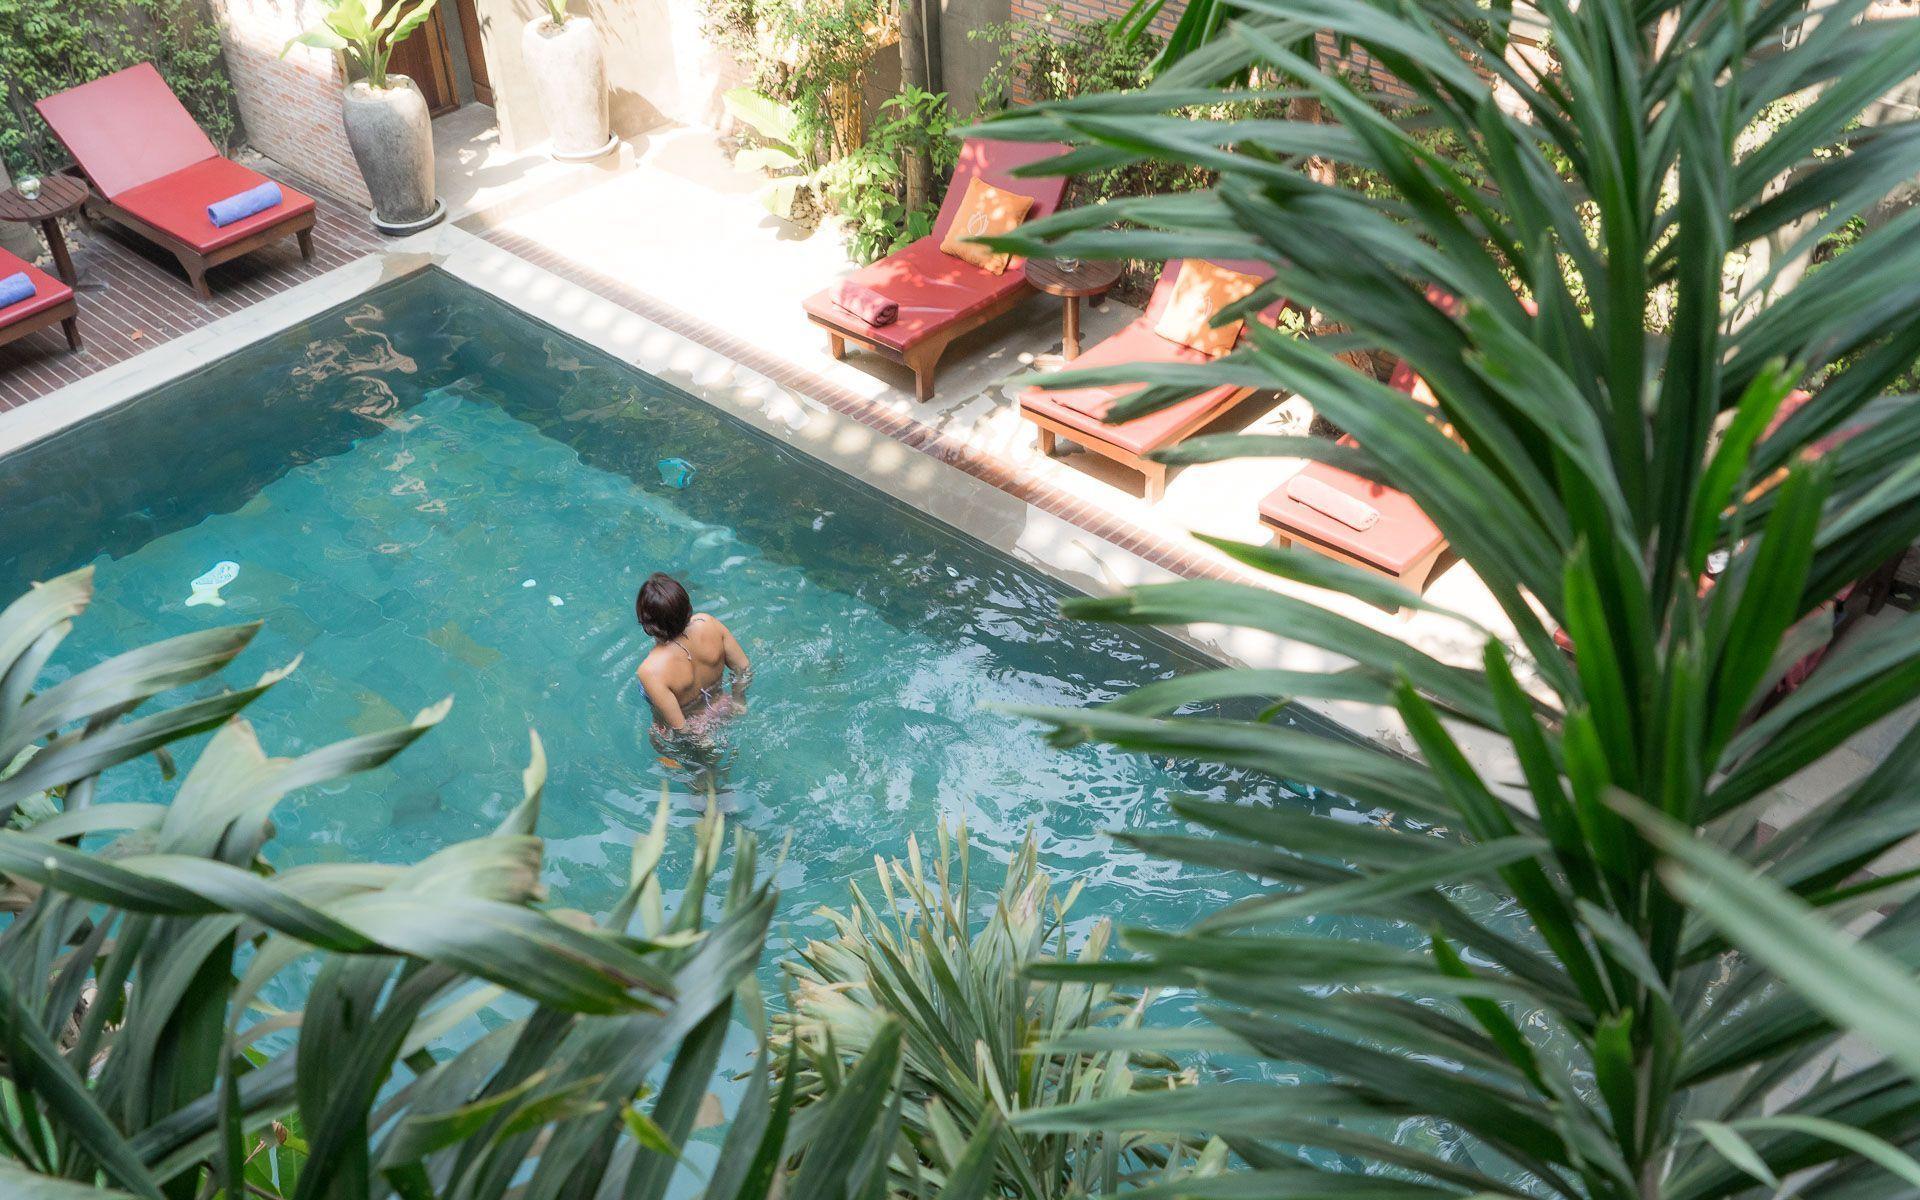 Lesvoyageuses-guide-voyage-siem-reap-angkor-cambodge-won-residence-14